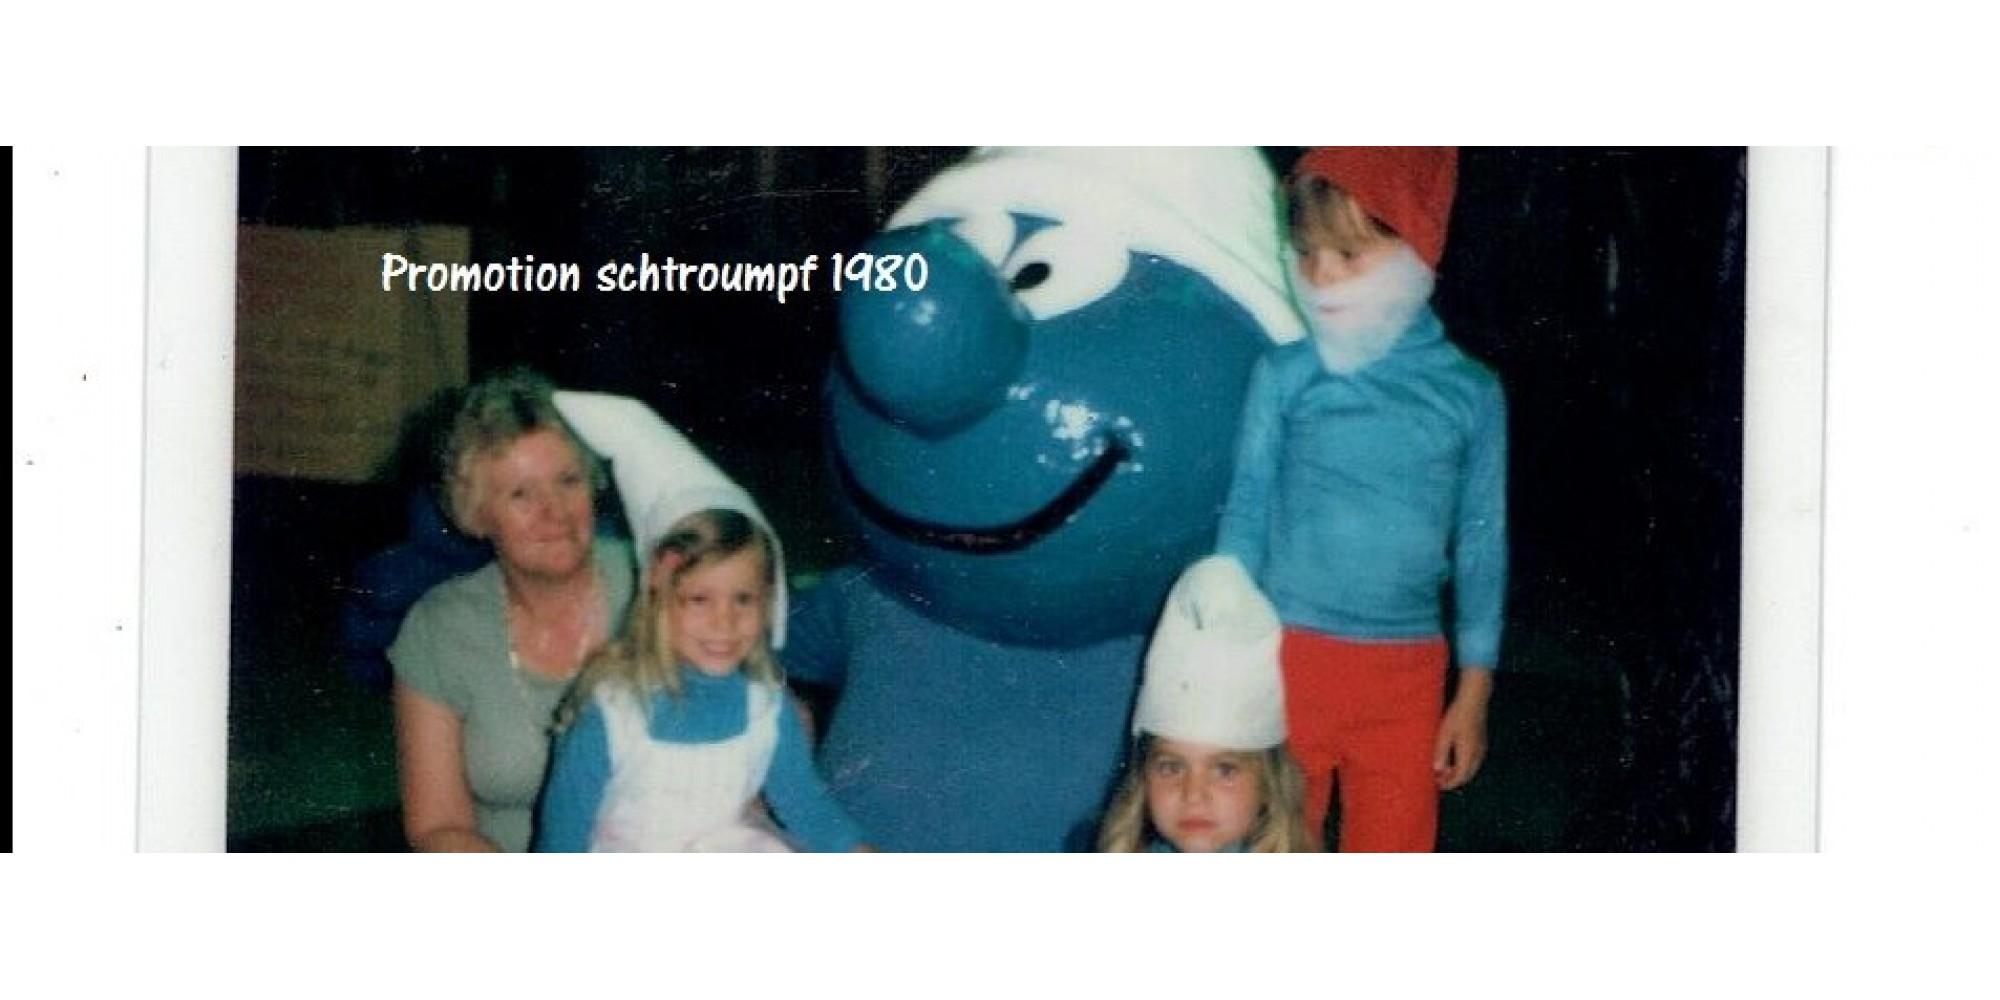 promo.schtroumpf1980